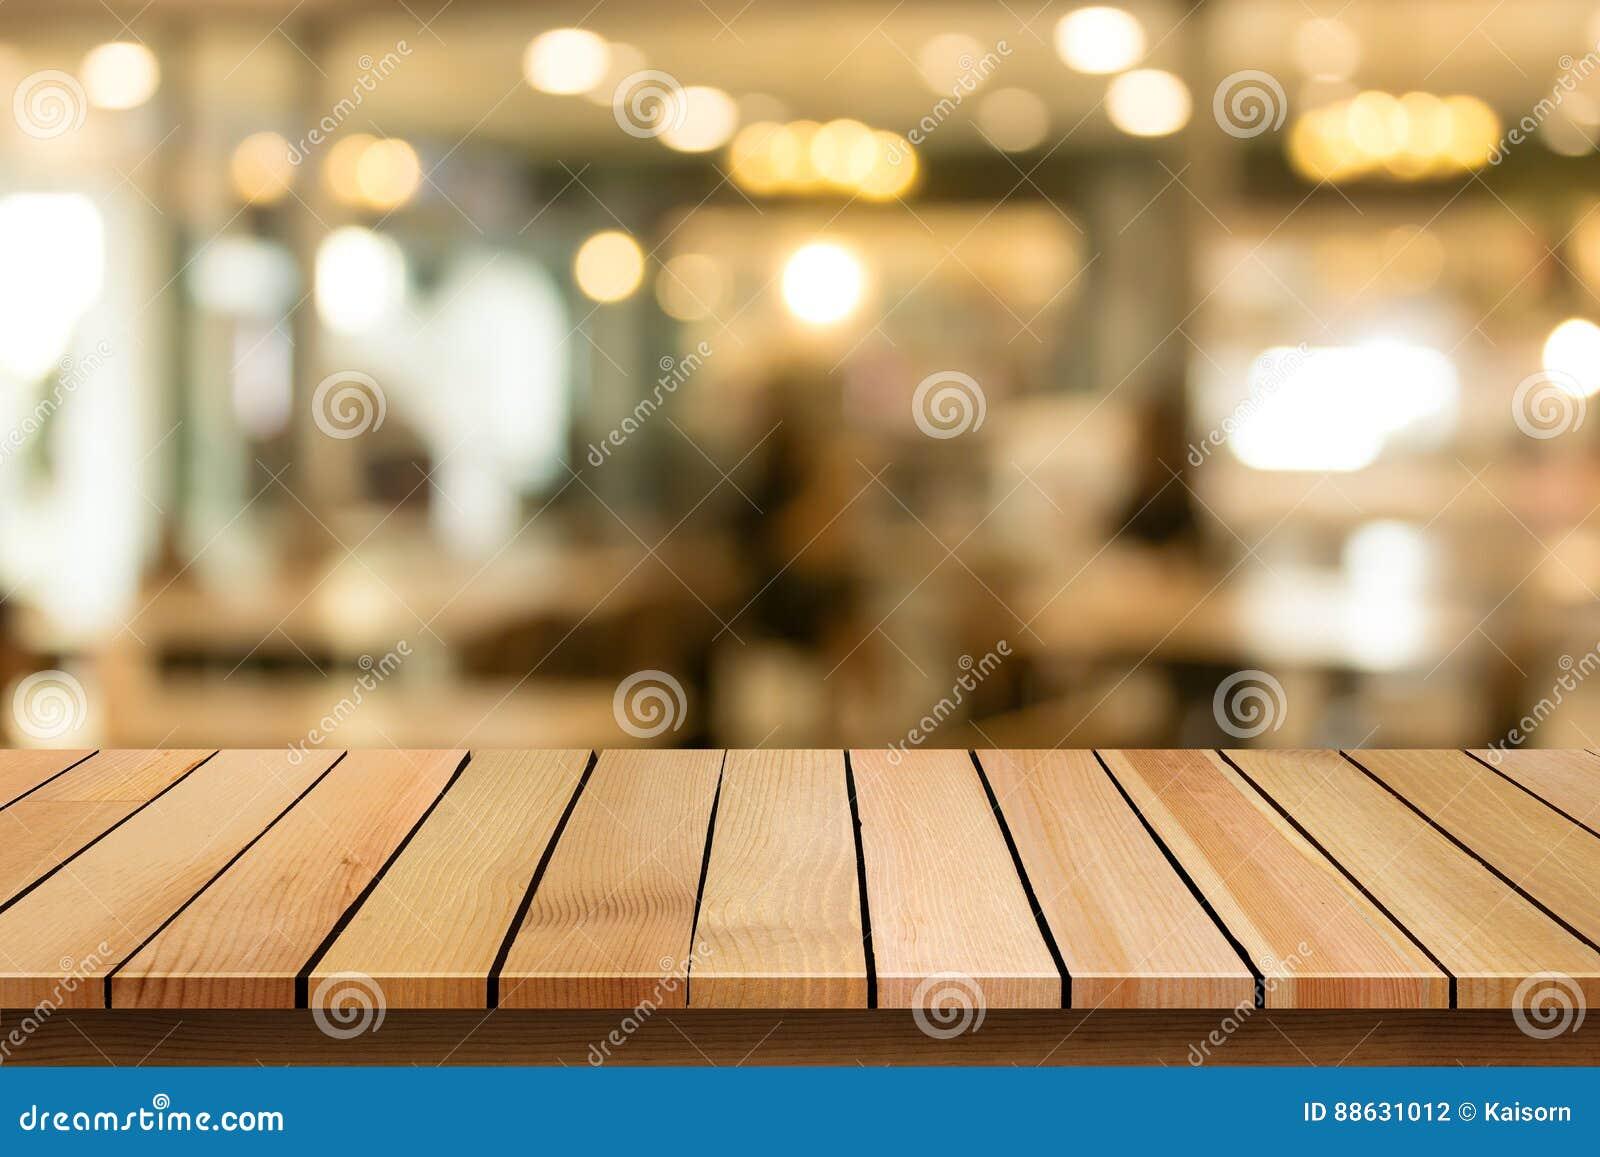 Il piano d appoggio di legno sul fondo del caffè del bokeh della sfuocatura può essere usato per DIS